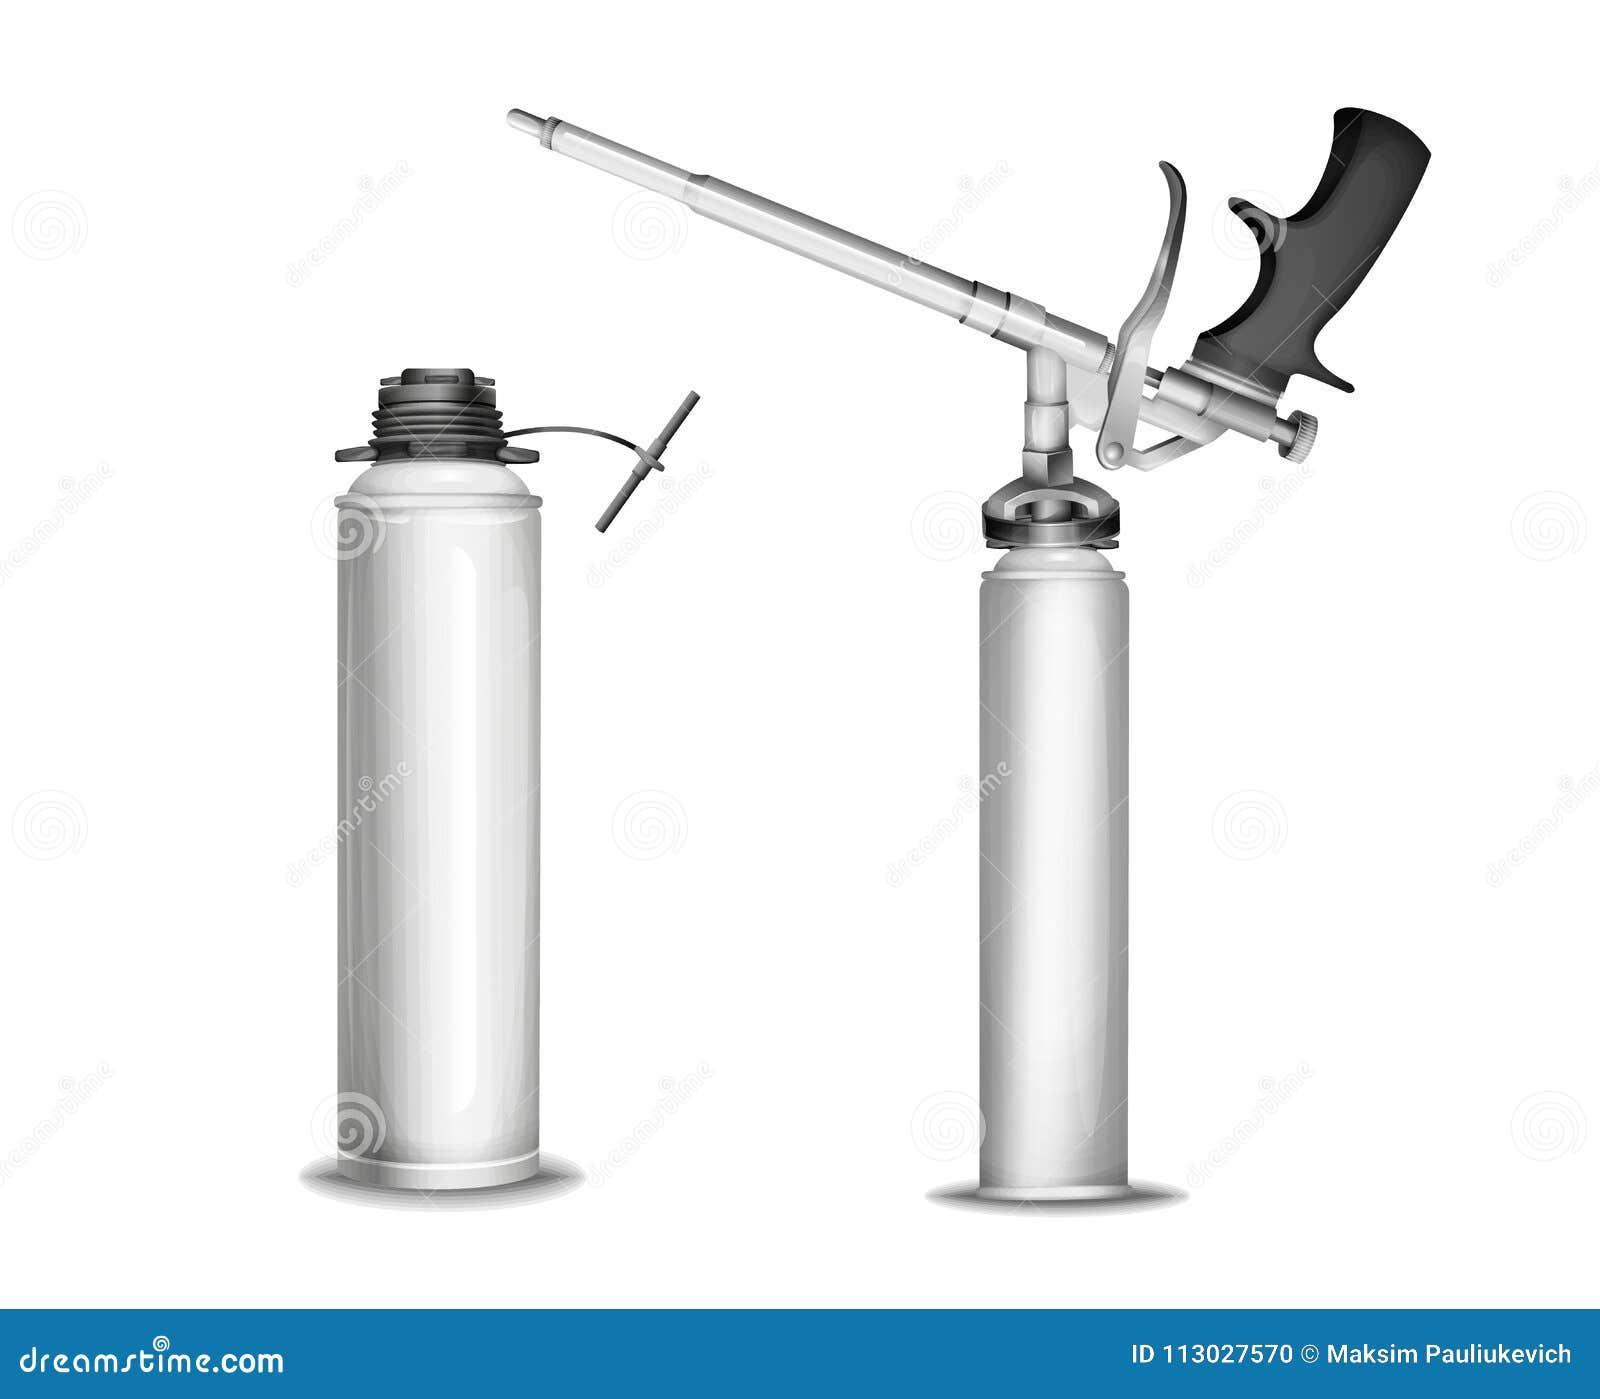 El ejemplo del vector del modelo de la botella de la espuma de la construcción de 3D aisló el mecanismo realista de la maqueta de